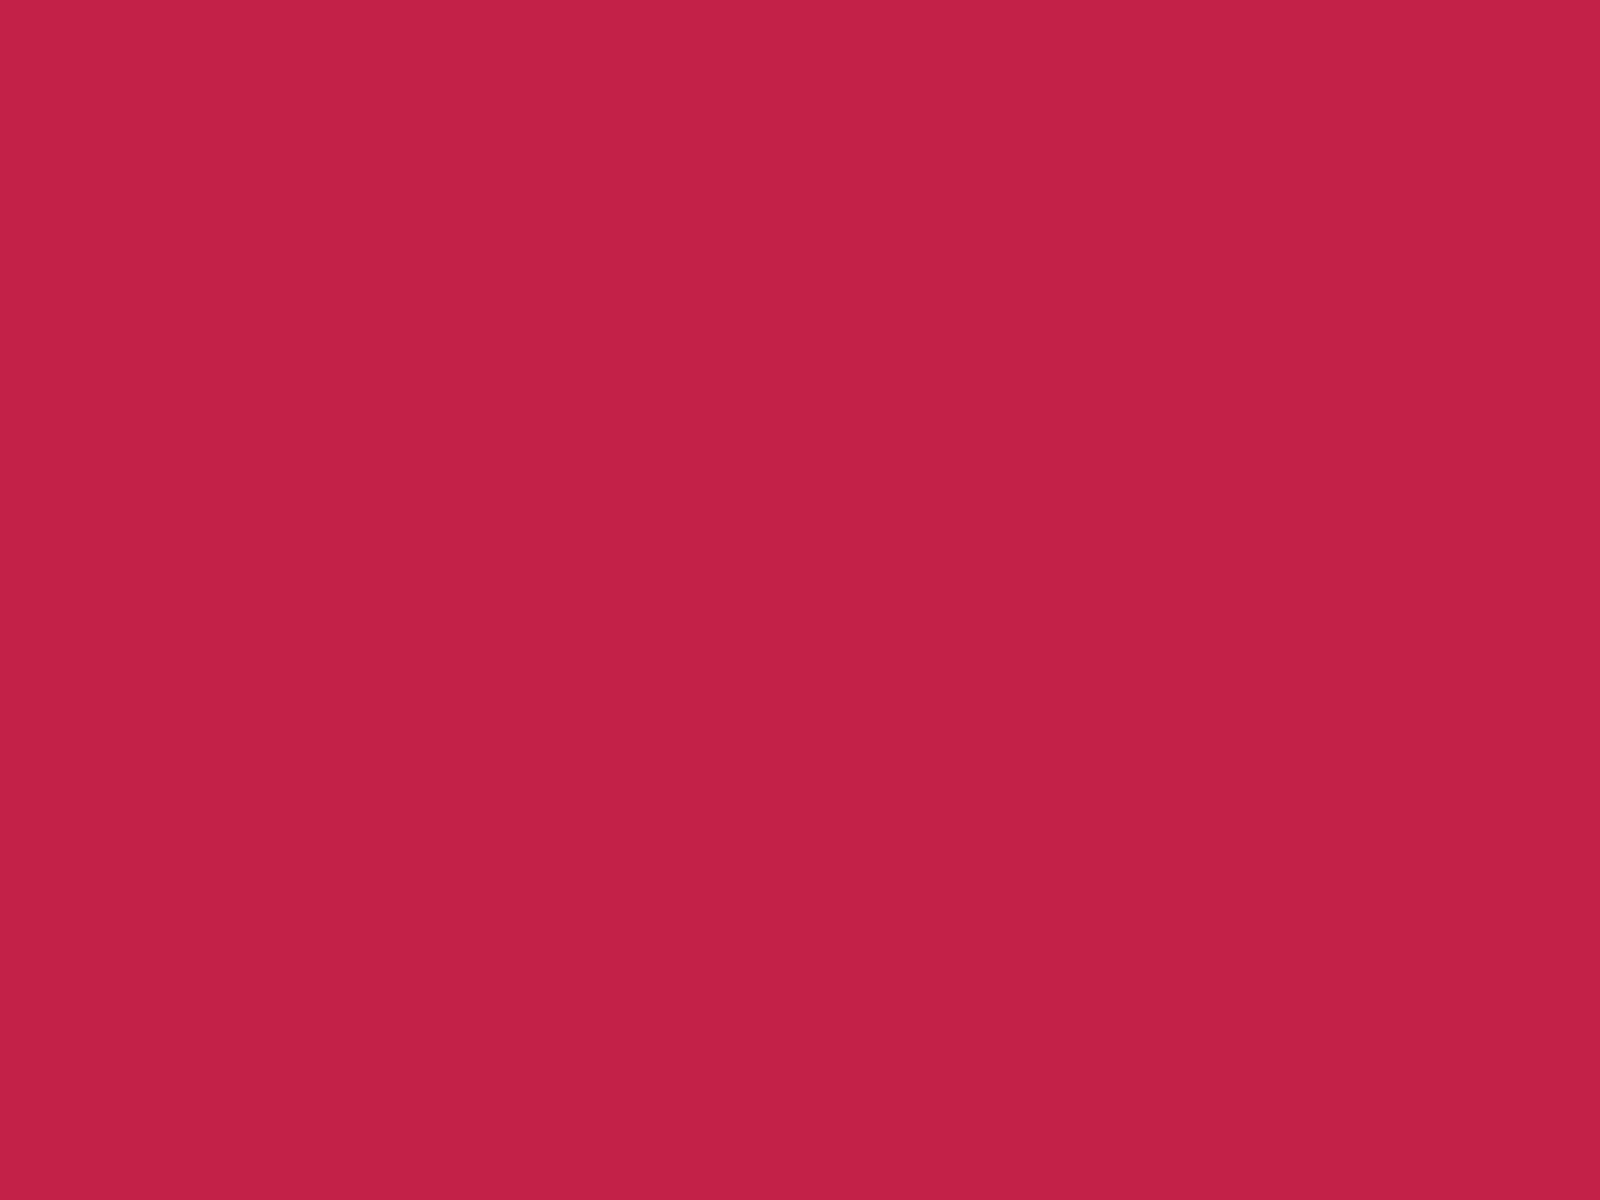 1600x1200 Maroon Crayola Solid Color Background